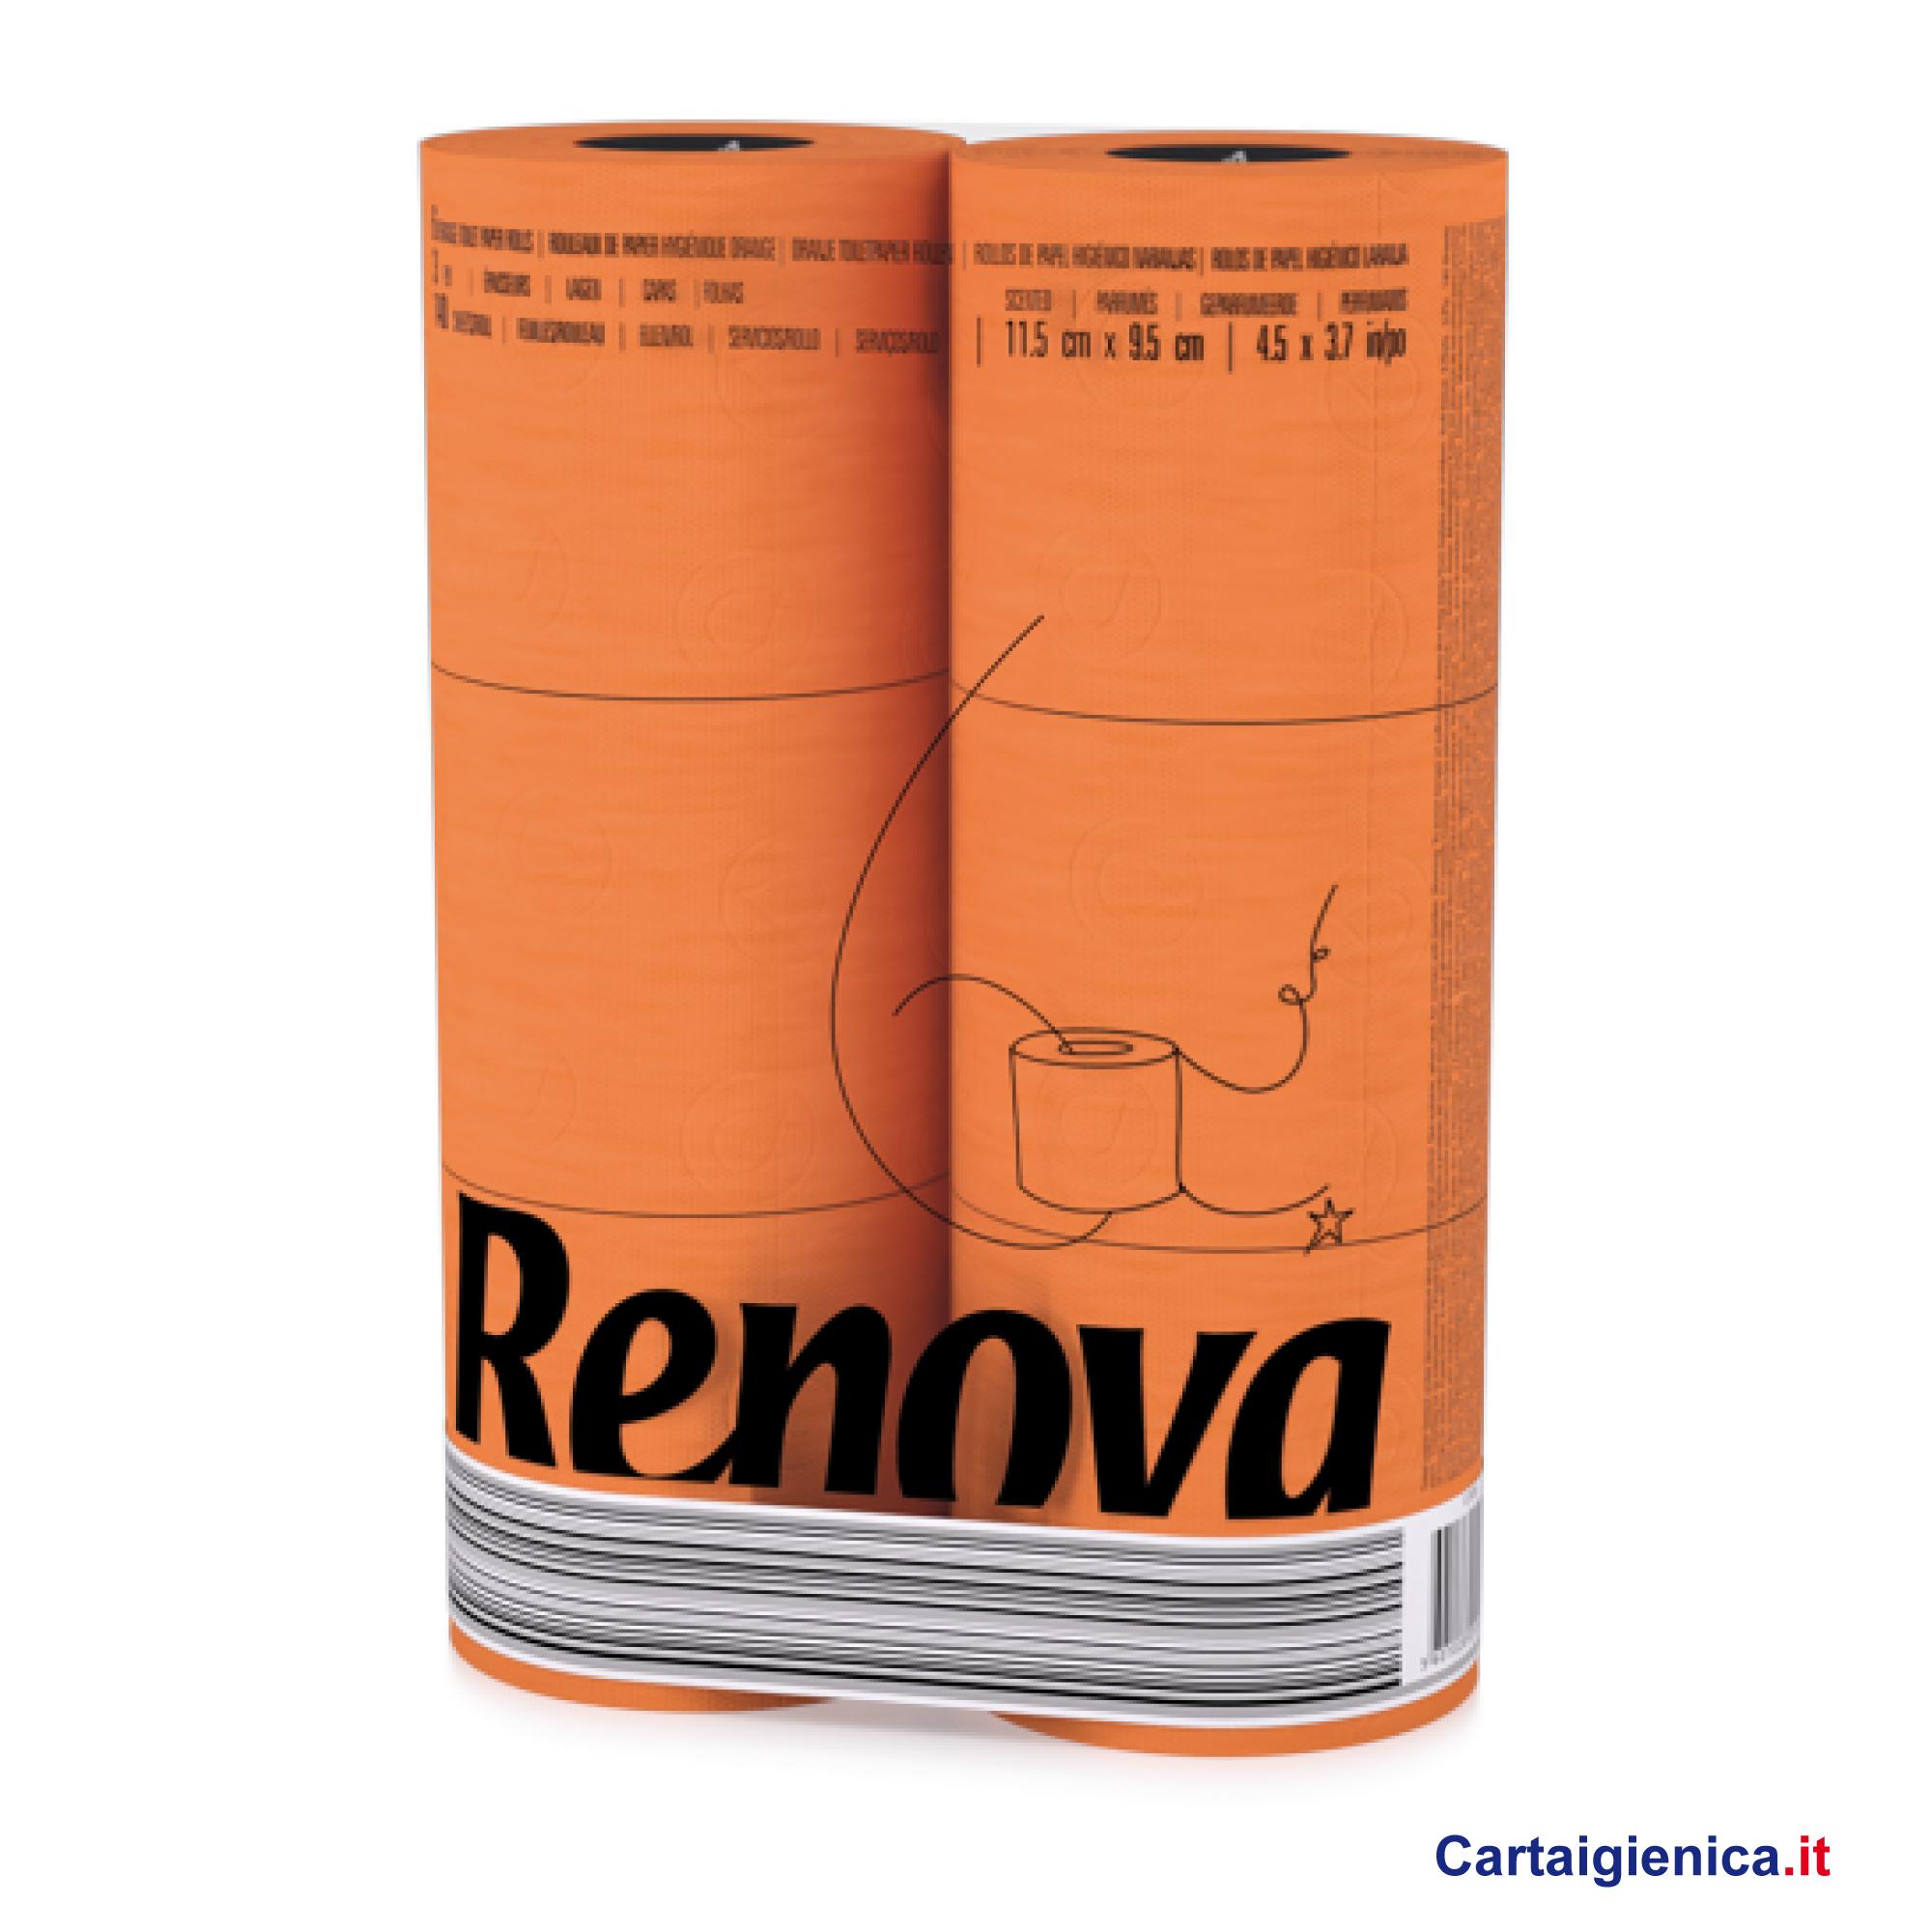 renova carta igienica colorata arancio 6 rotoli cartaigienica.it